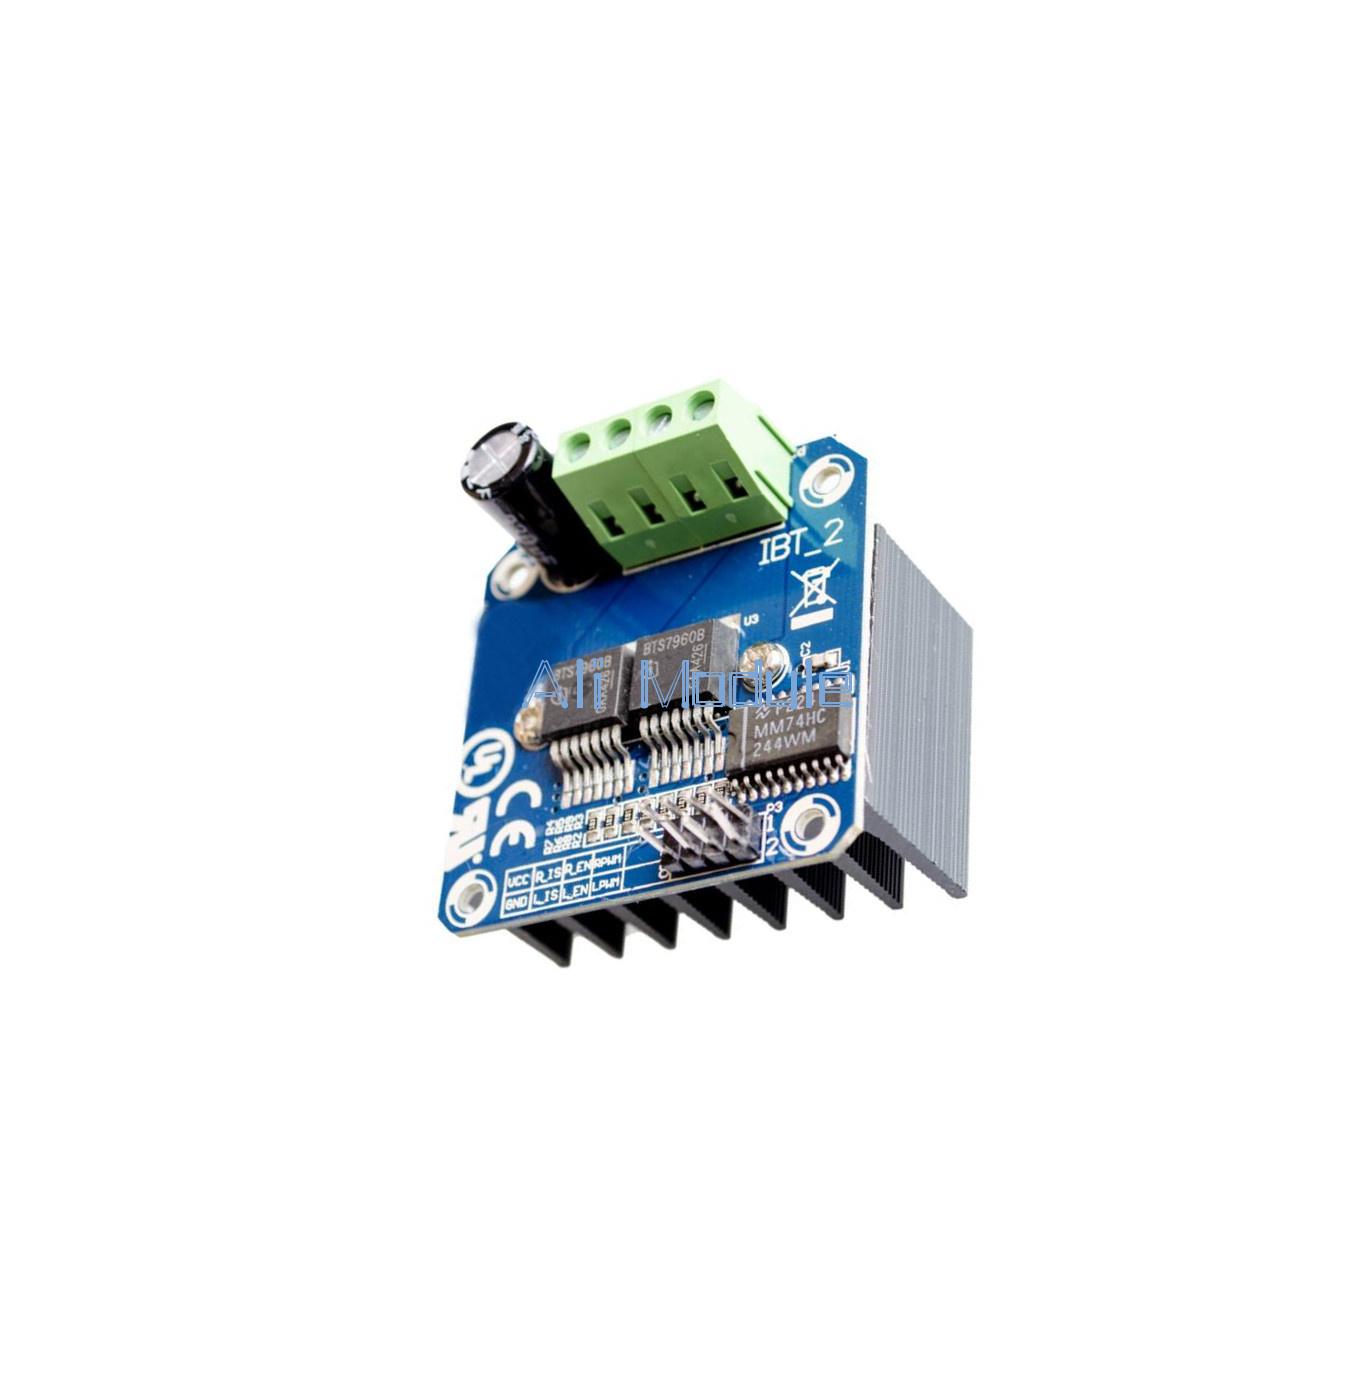 Double Bts7960b Dc 43a Stepper Motor Driver H Bridge Pwm For Arduino Driving Circuit Smart Car A